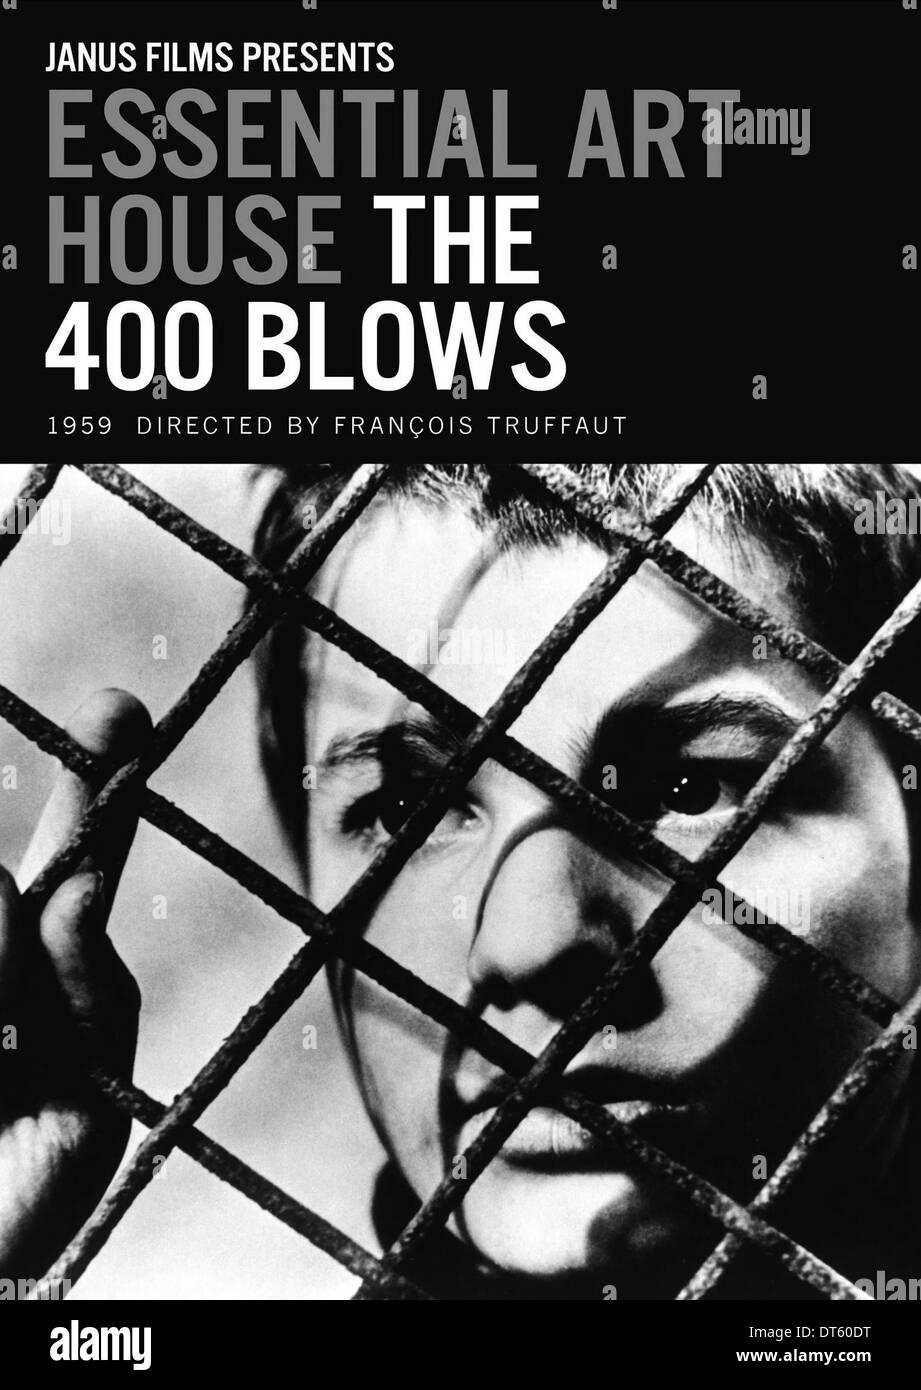 Jean pierre leaud poster the 400 blows les quatre cents coups stock photo 66514948 alamy - Les quatre cents coups film ...